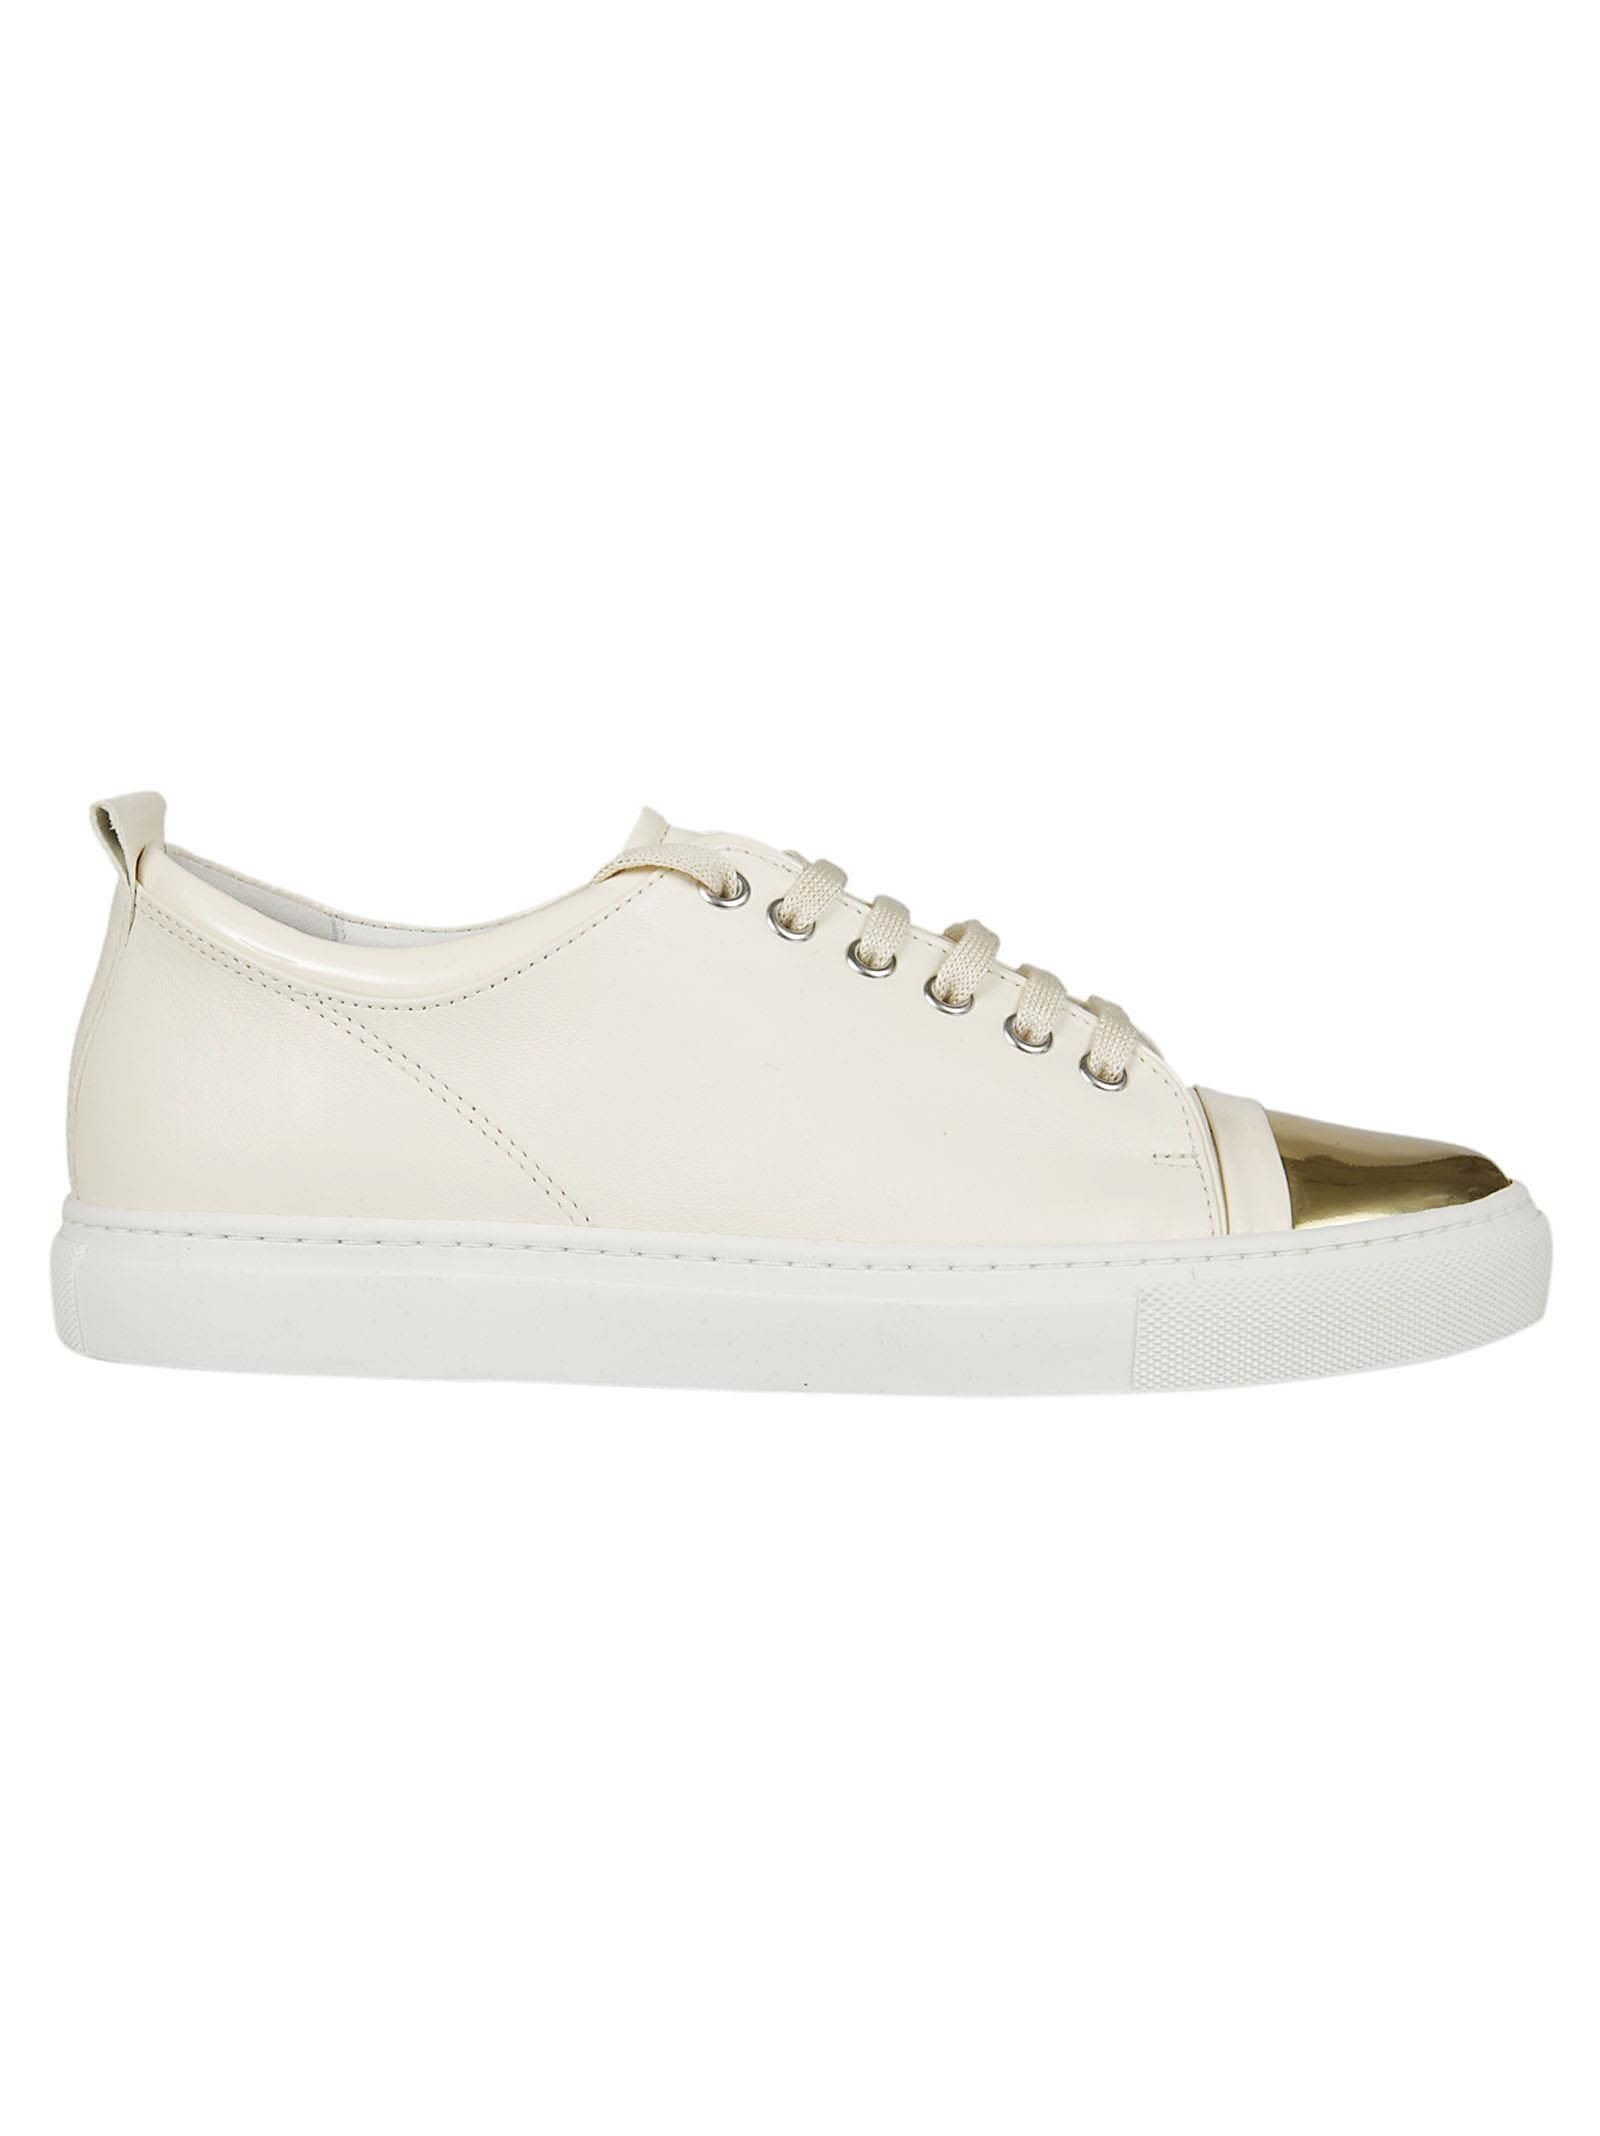 Lanvin Chaussures De Tennis Texturé - Rose Et Violet JDVlP2t5